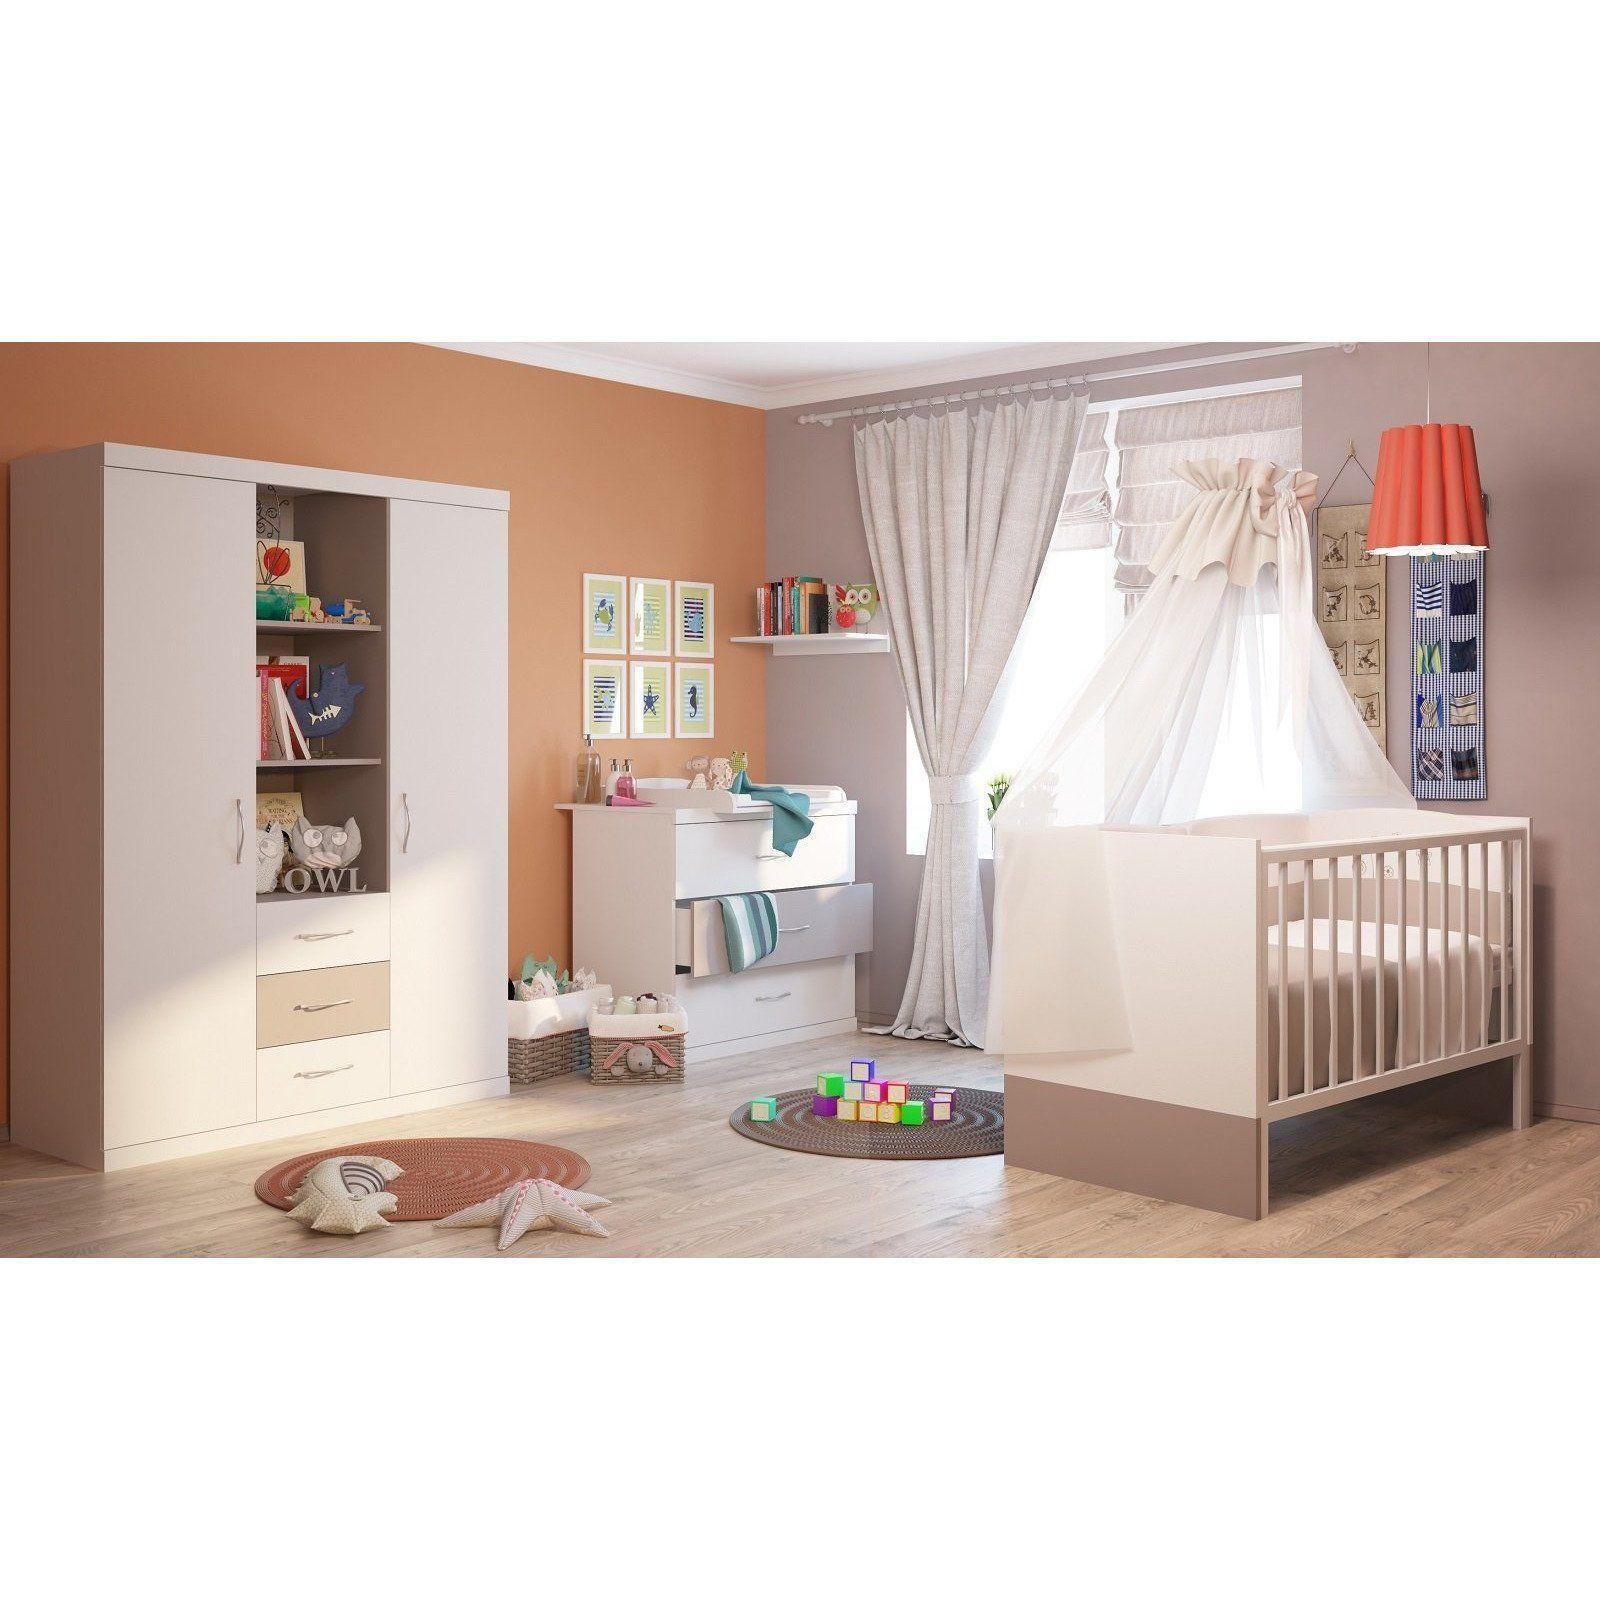 Full Size of Baby Kinderzimmer Komplett Polini Kids Classic Und Set Wei Schlafzimmer Poco Breaking Bad Komplette Serie Regal Babyzimmer Wohnzimmer Küche Günstige Mit Kinderzimmer Baby Kinderzimmer Komplett